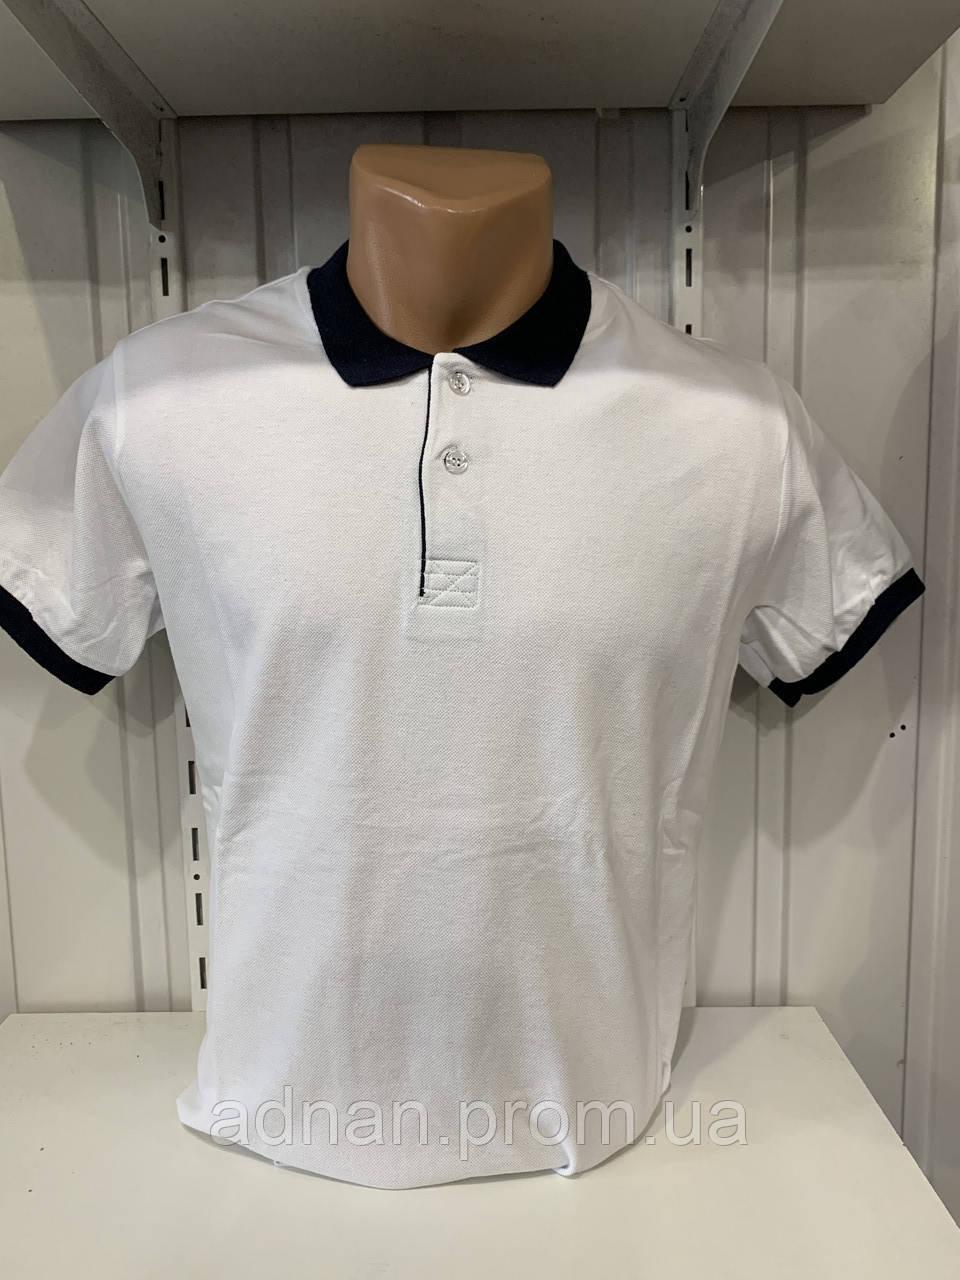 Футболка чоловіча COLORHAKAN поло комбінована, розміри M - 3XL,002 \ купити футболку чоловічу оптом